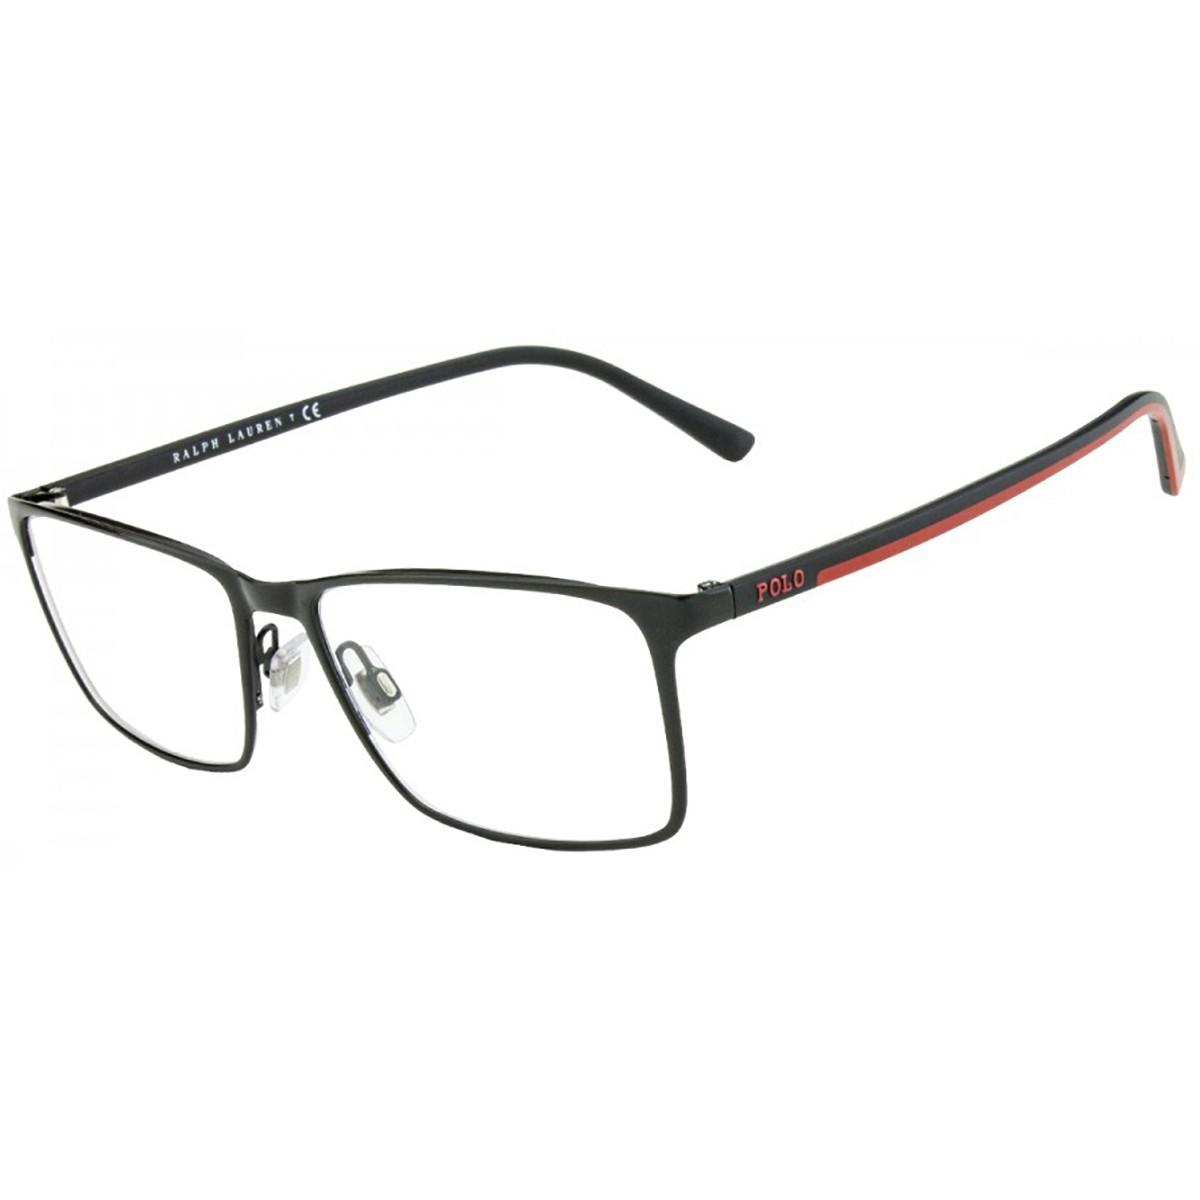 2597e63950db3 Compre Óculos de Grau Polo Ralph Lauren em 10X Tri Jóia Shop